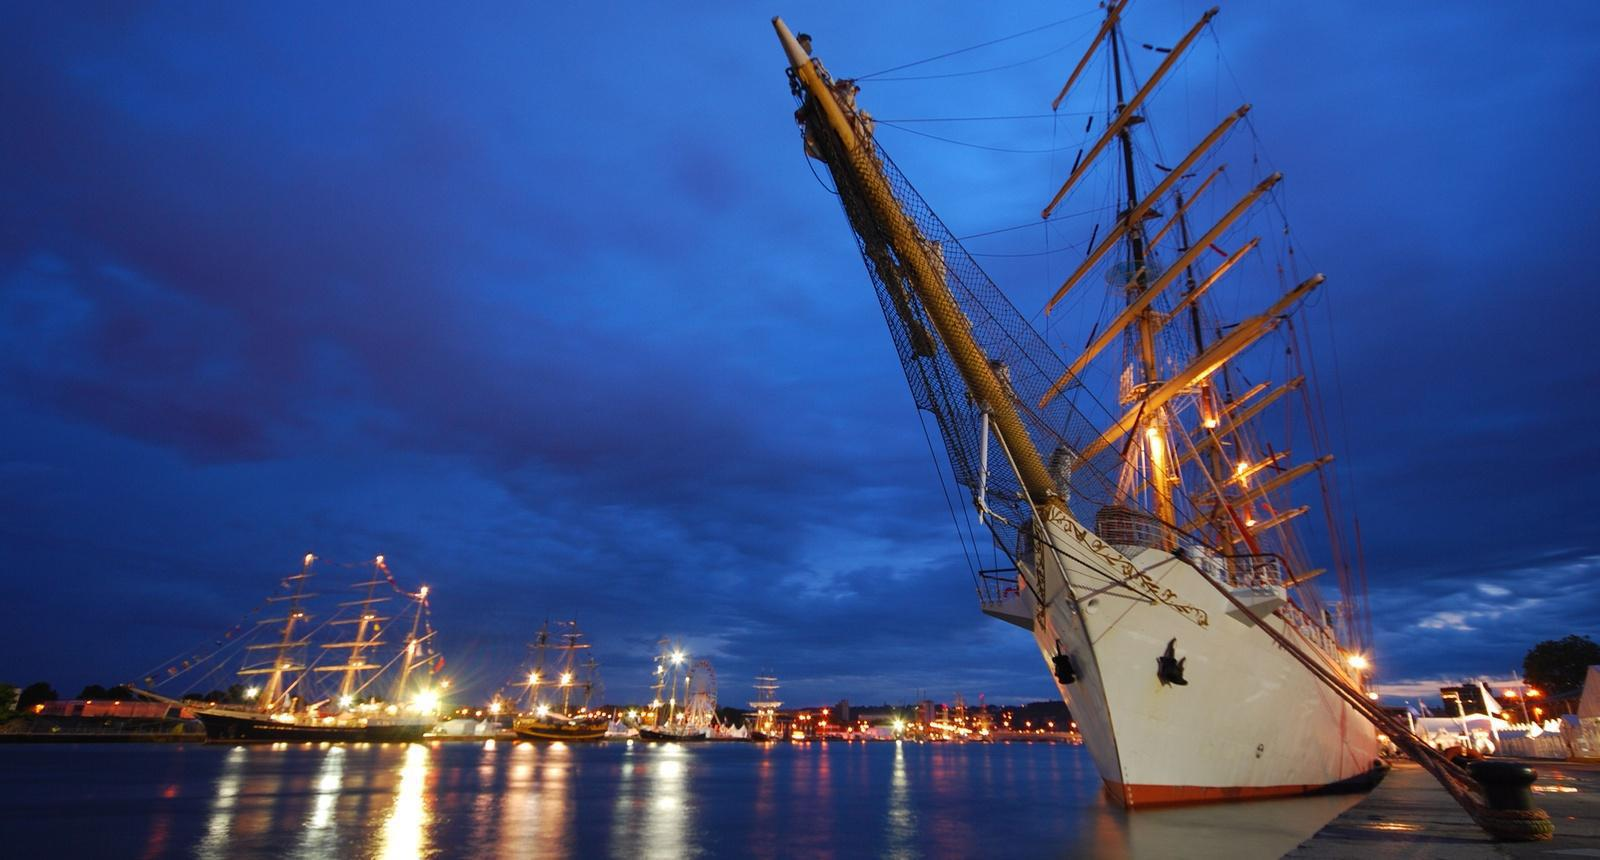 L'Armada de Rouen, fantastique rassemblement de voiliers